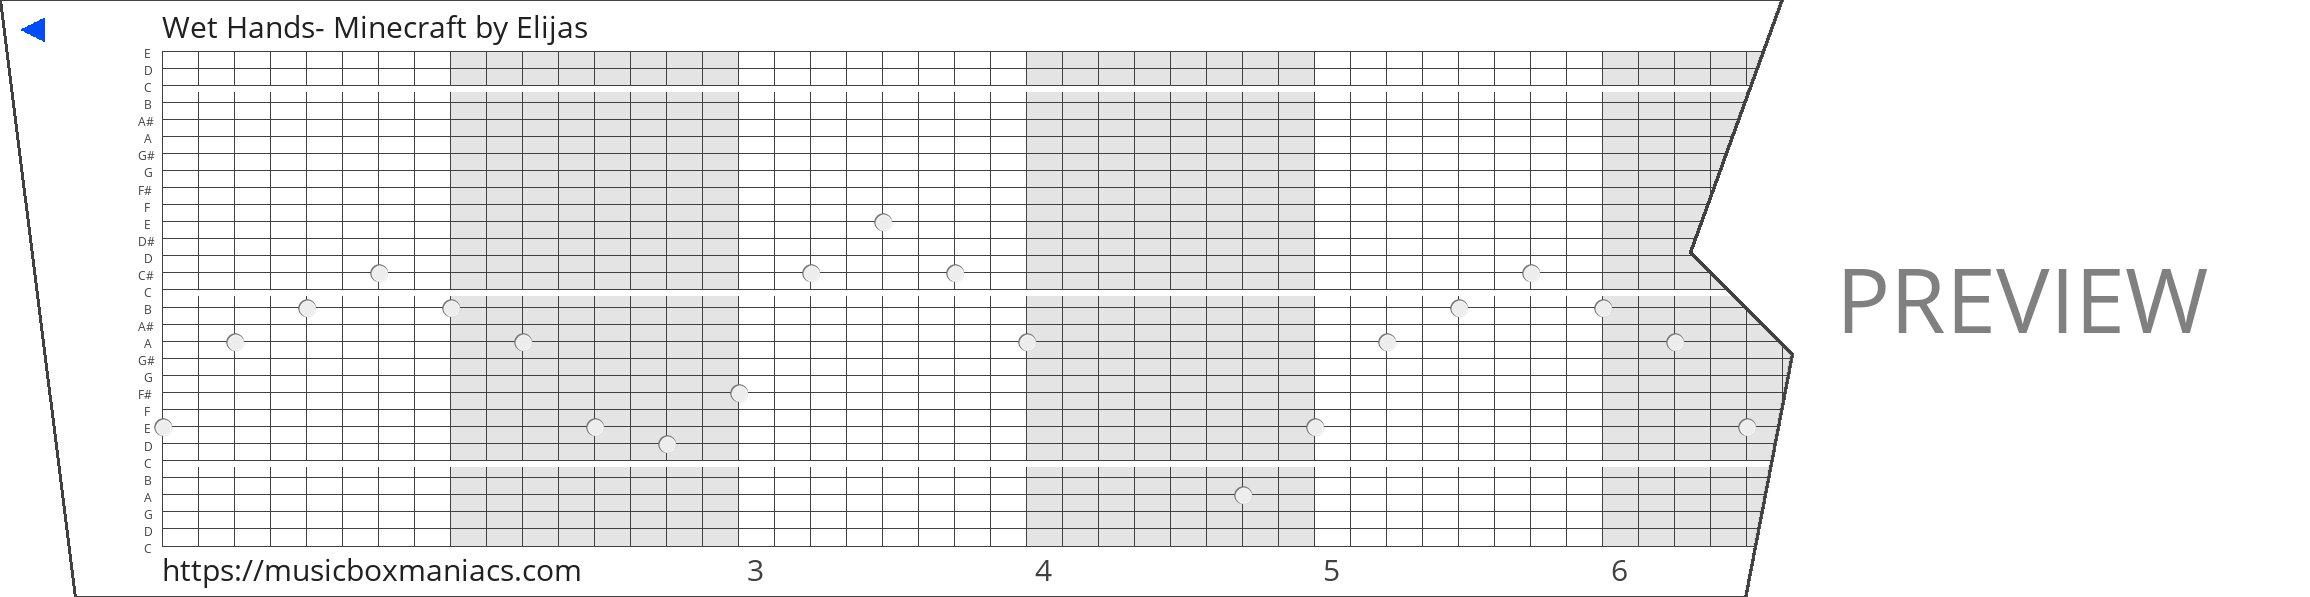 Wet Hands- Minecraft 30 note music box paper strip